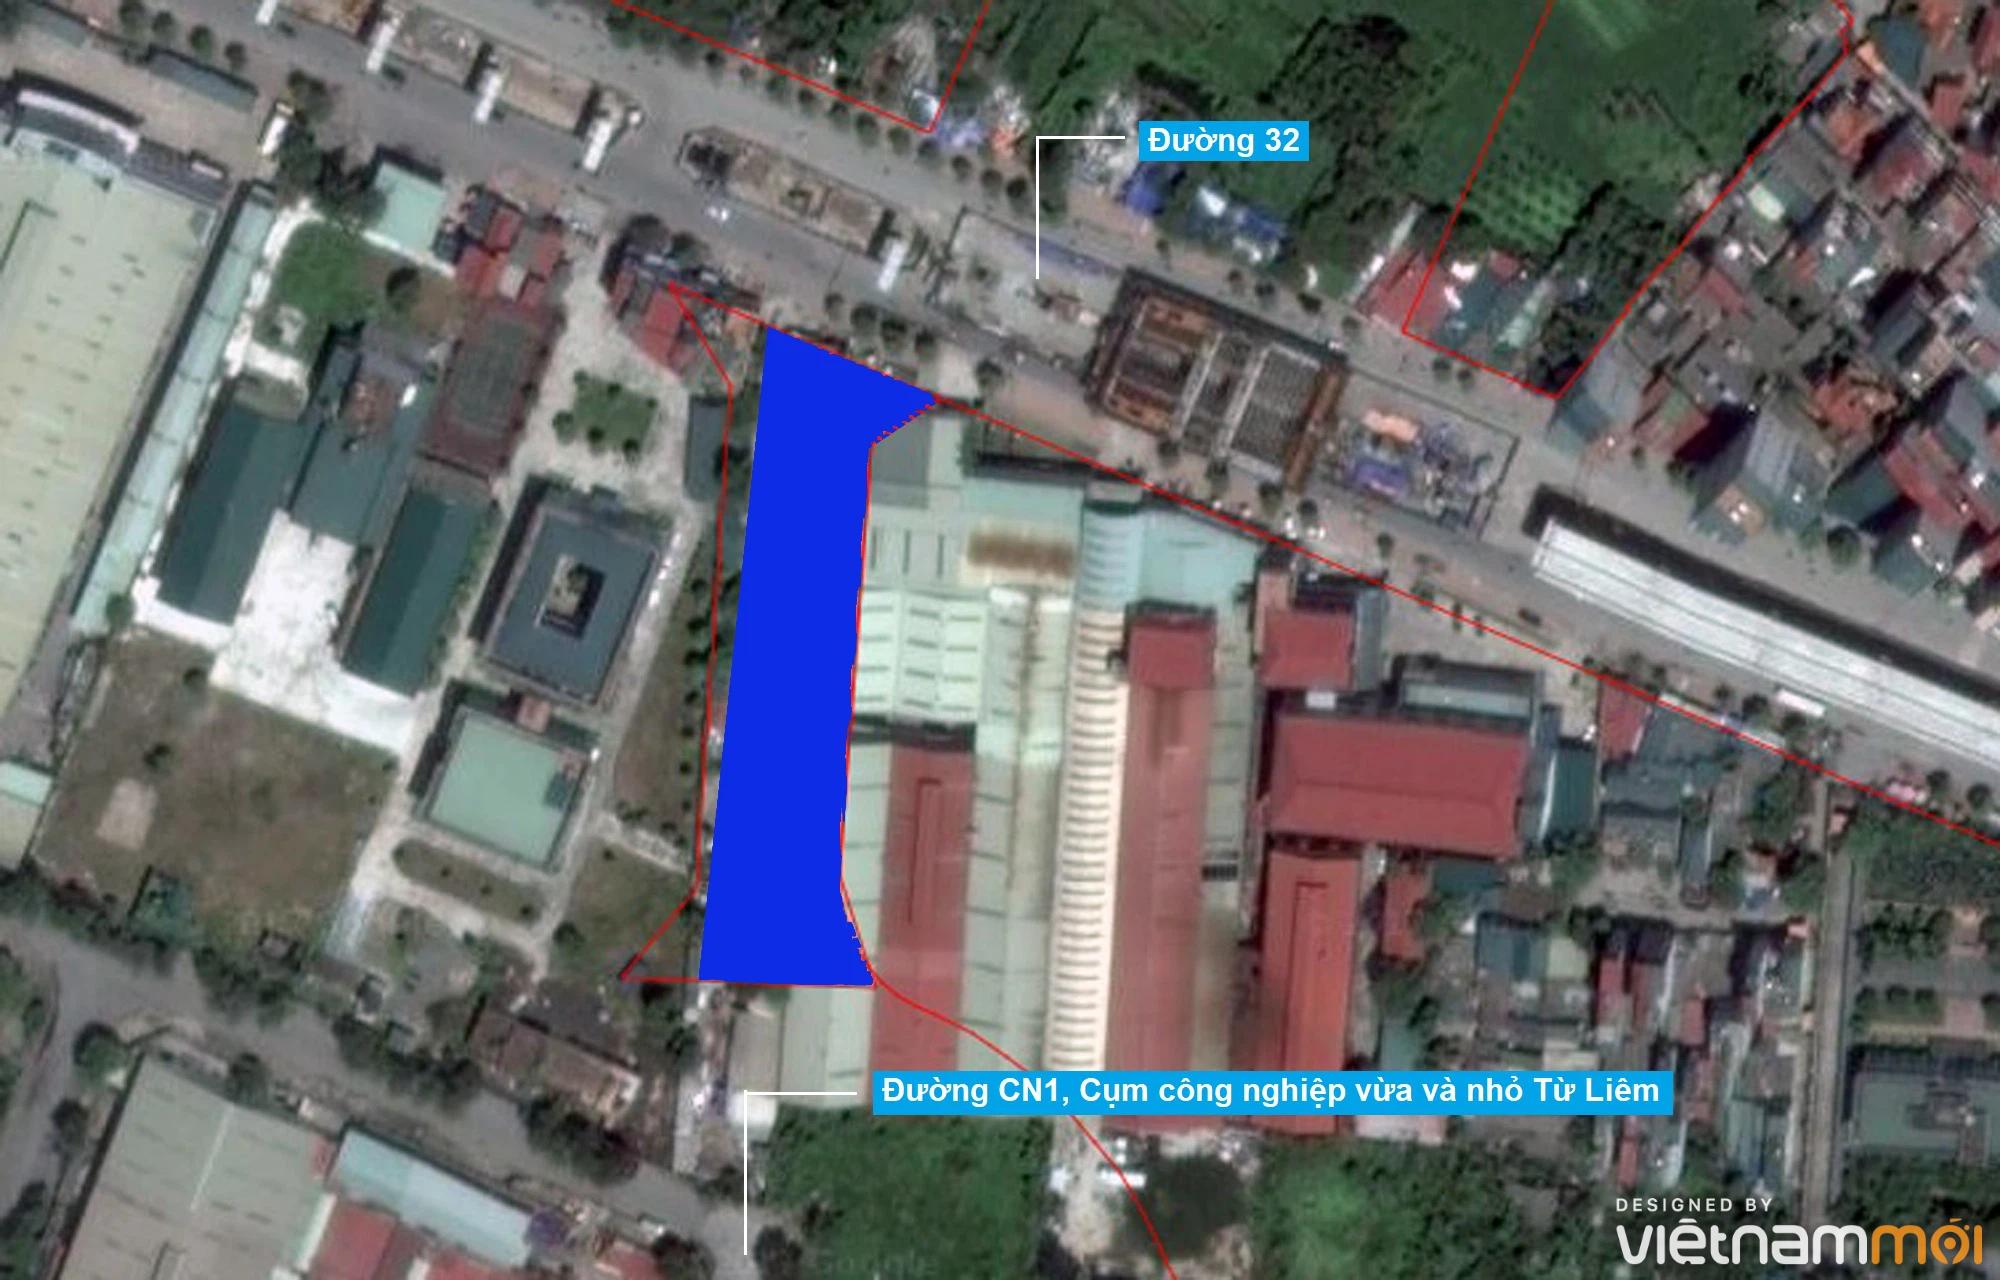 Những khu đất sắp thu hồi để mở đường ở phường Phúc Diễn, Bắc Từ Liêm, Hà Nội - Ảnh 7.